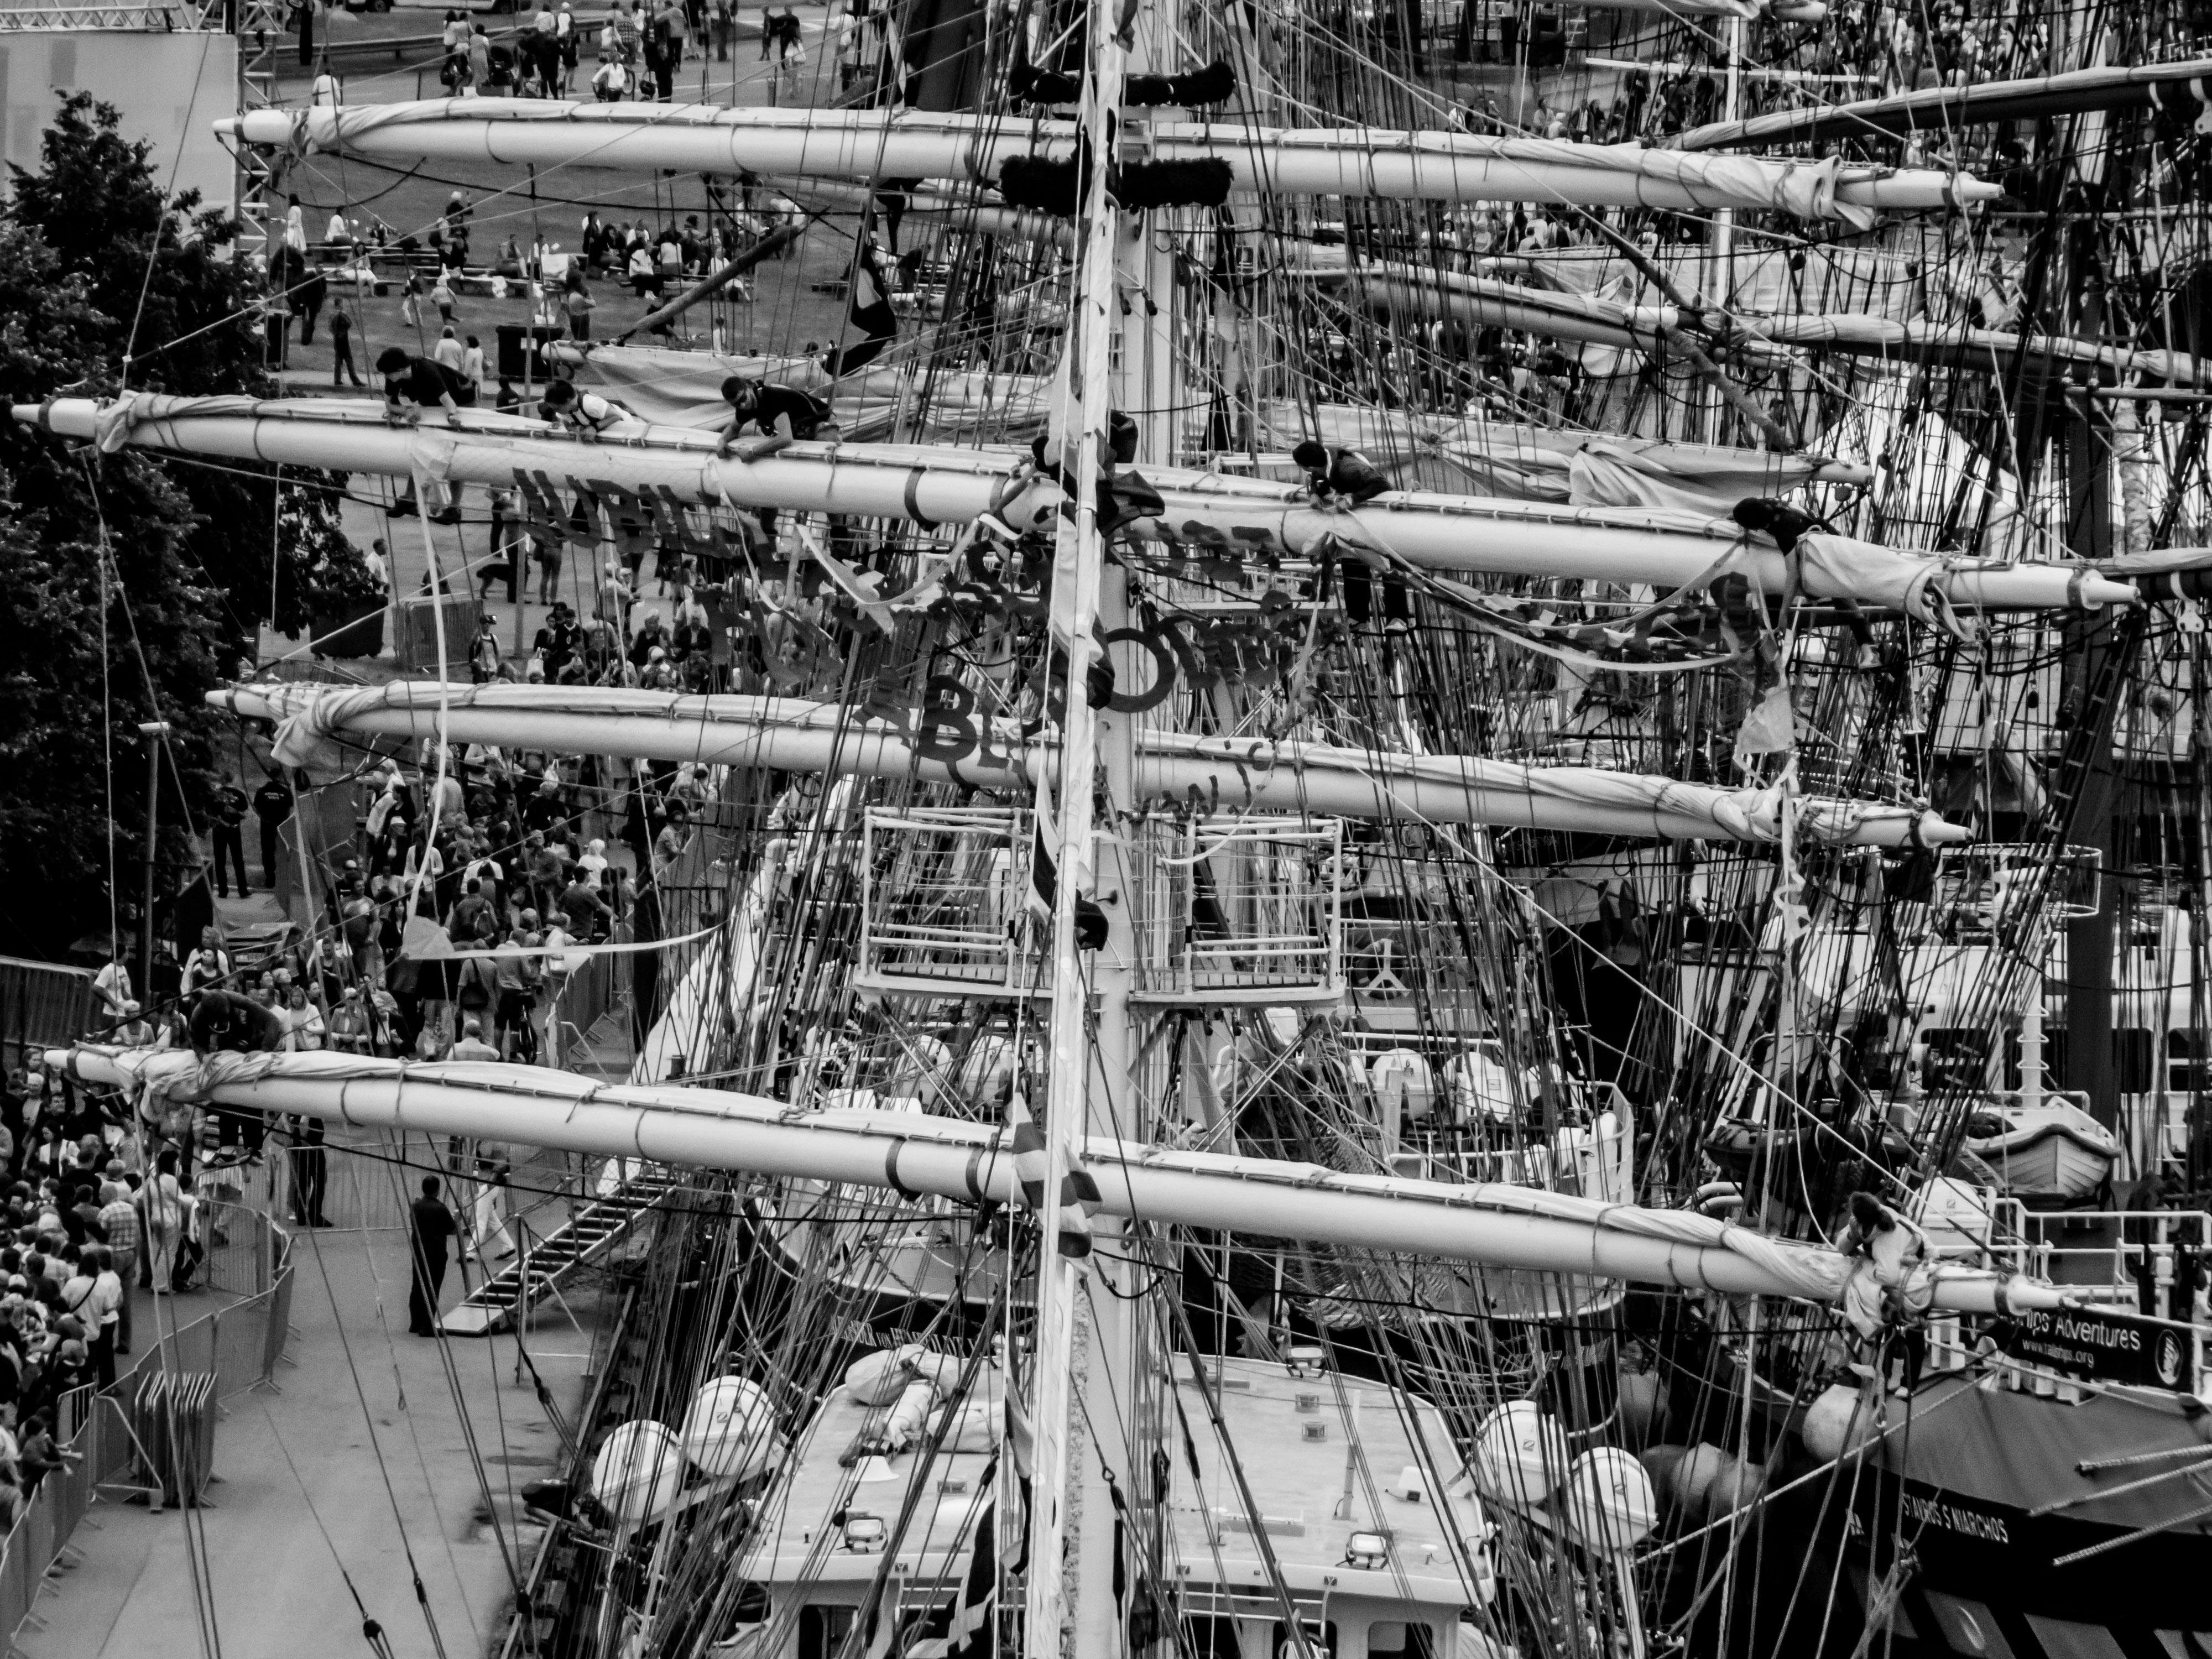 Sailing ships masts photo